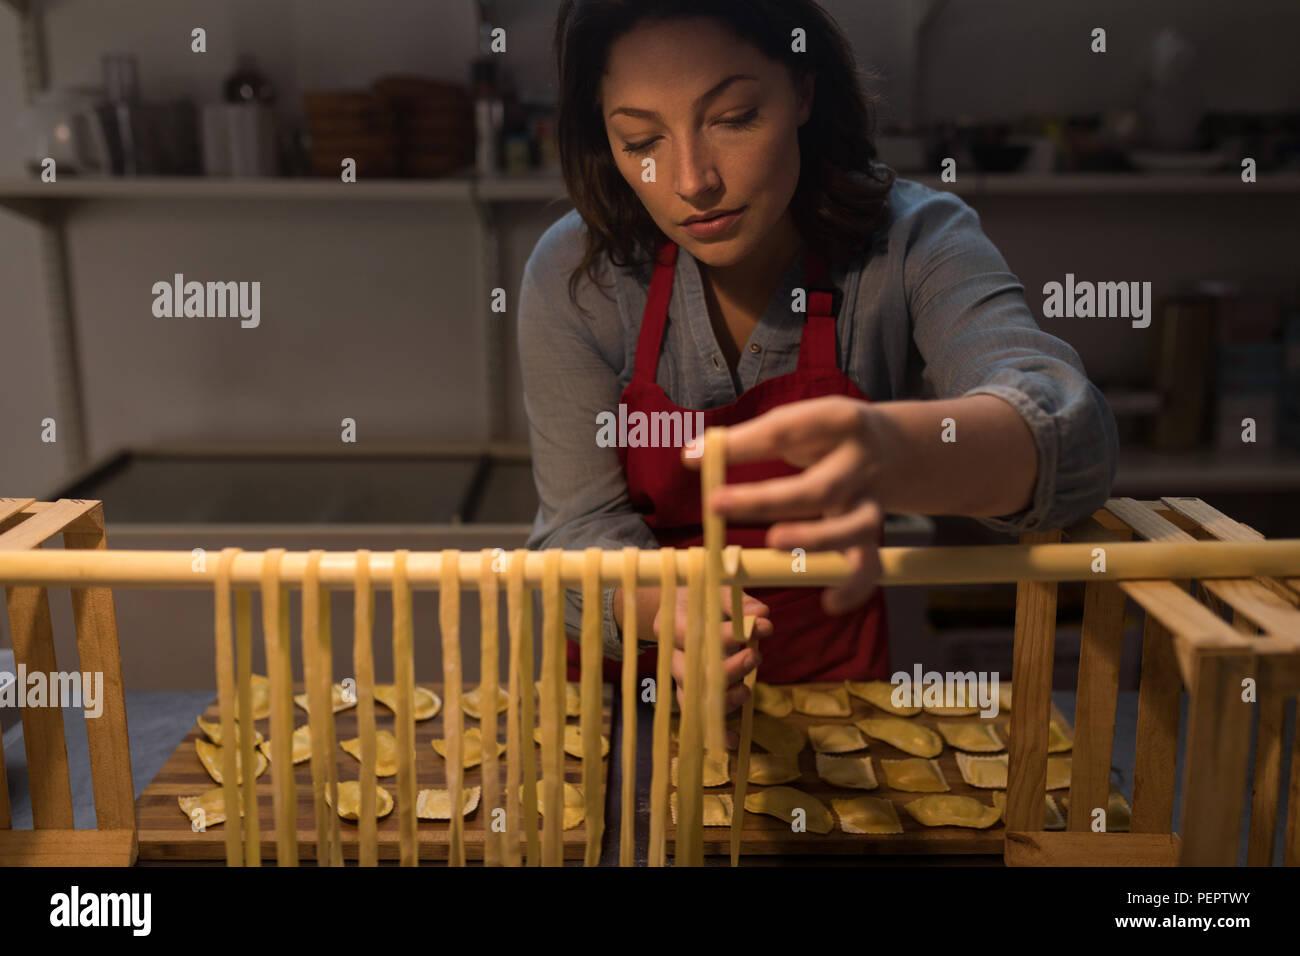 Female baker preparing pasta in bakery Stock Photo